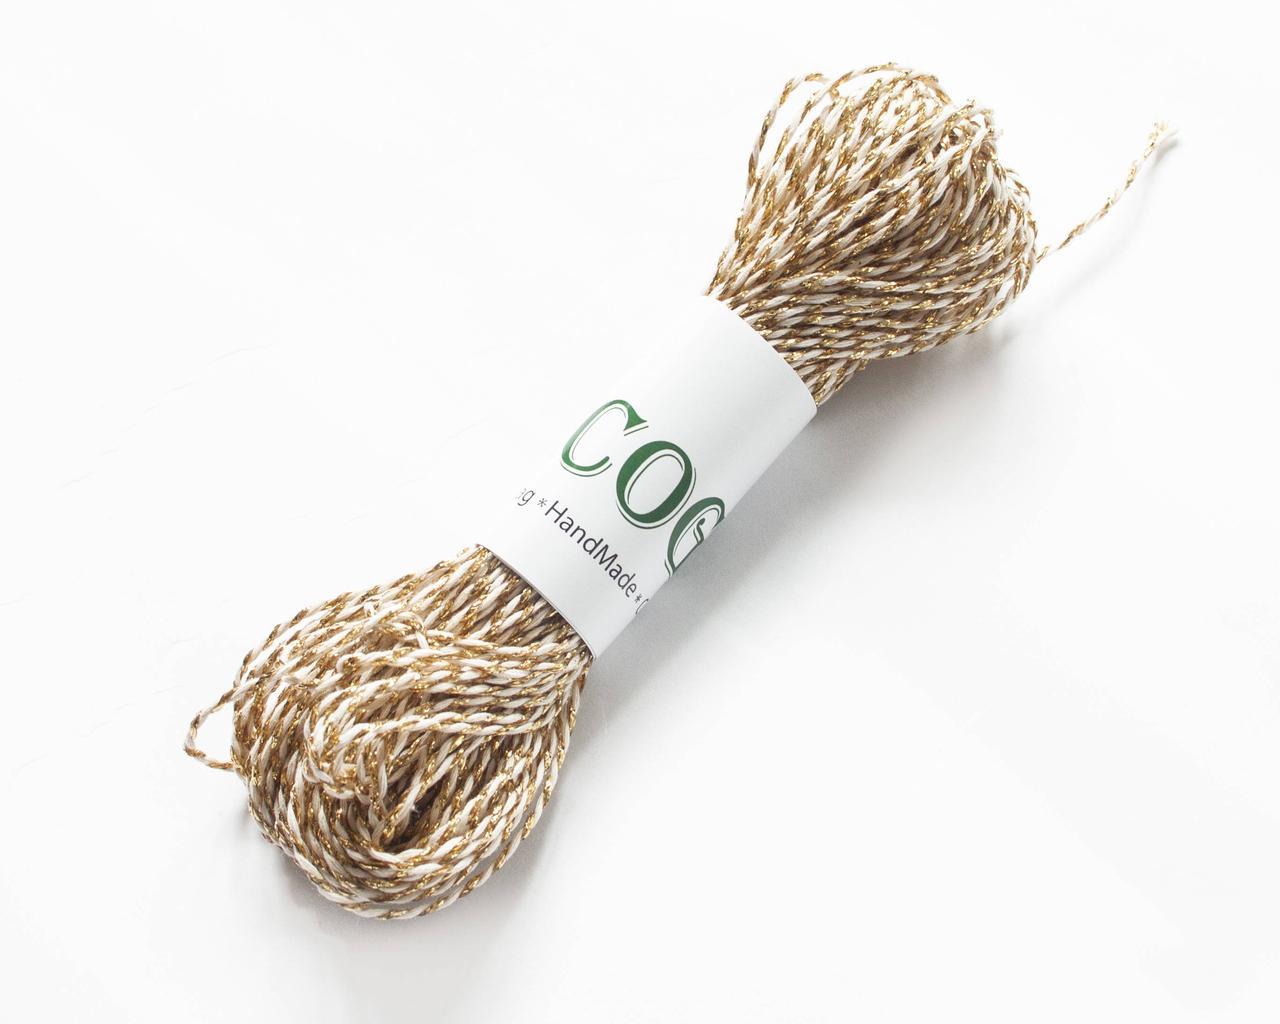 Декоративный шнурок, цветная нитка, верёвка для упаковки, хлопковый шпагат - белое золото - АВОСЬКА народный эко-бренд в Броварах